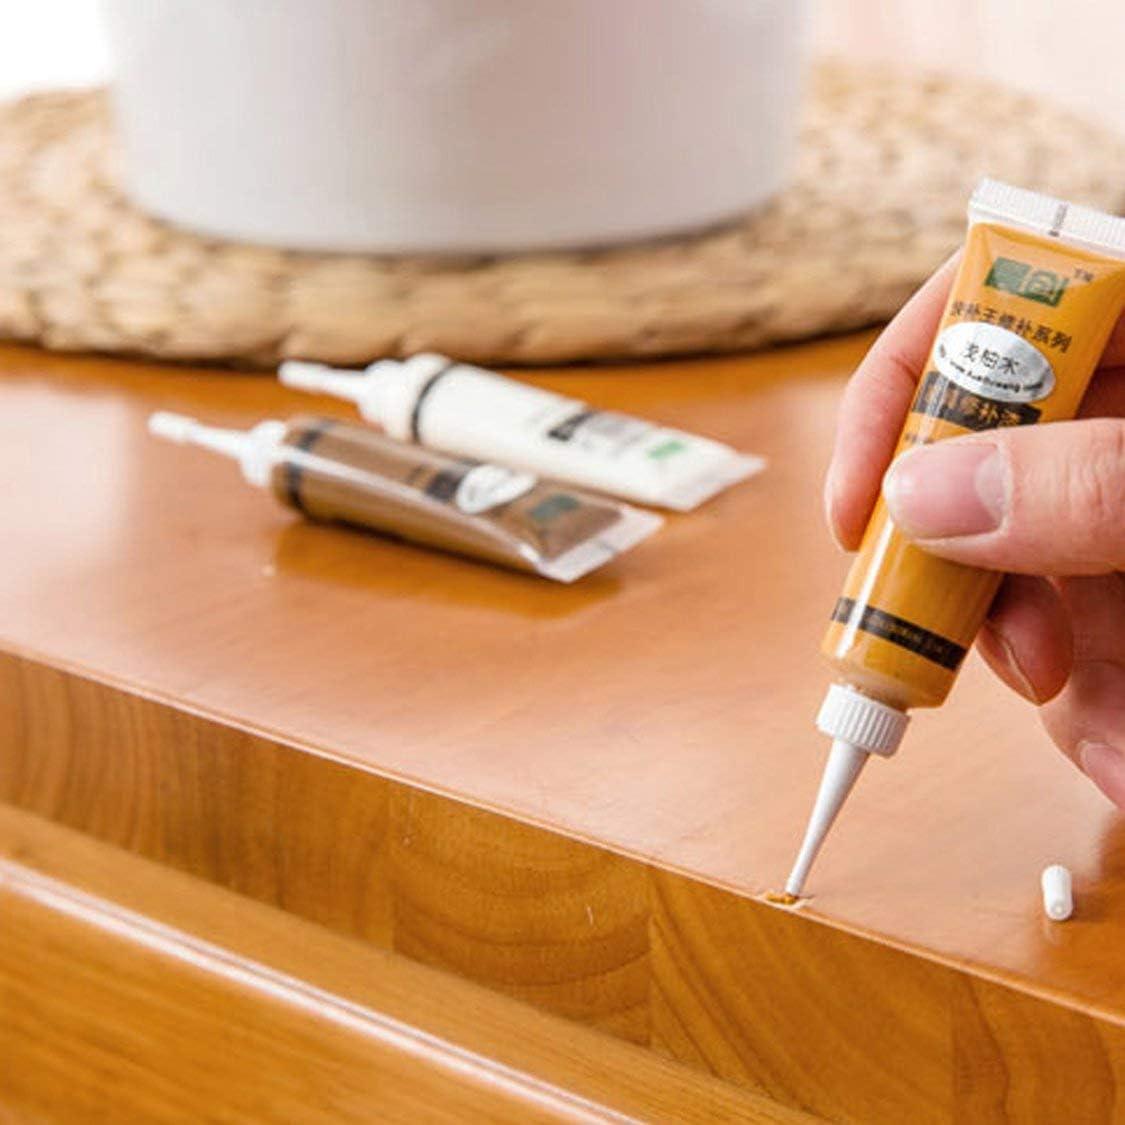 Elfenbeinwei/ß Bodenbelag M/öbelreparatur Fu/ßboden Holzt/ür Nagel Reparaturfl/üssigkeit M/öbelreparatur Werkzeuge Holzkratzer Concealer